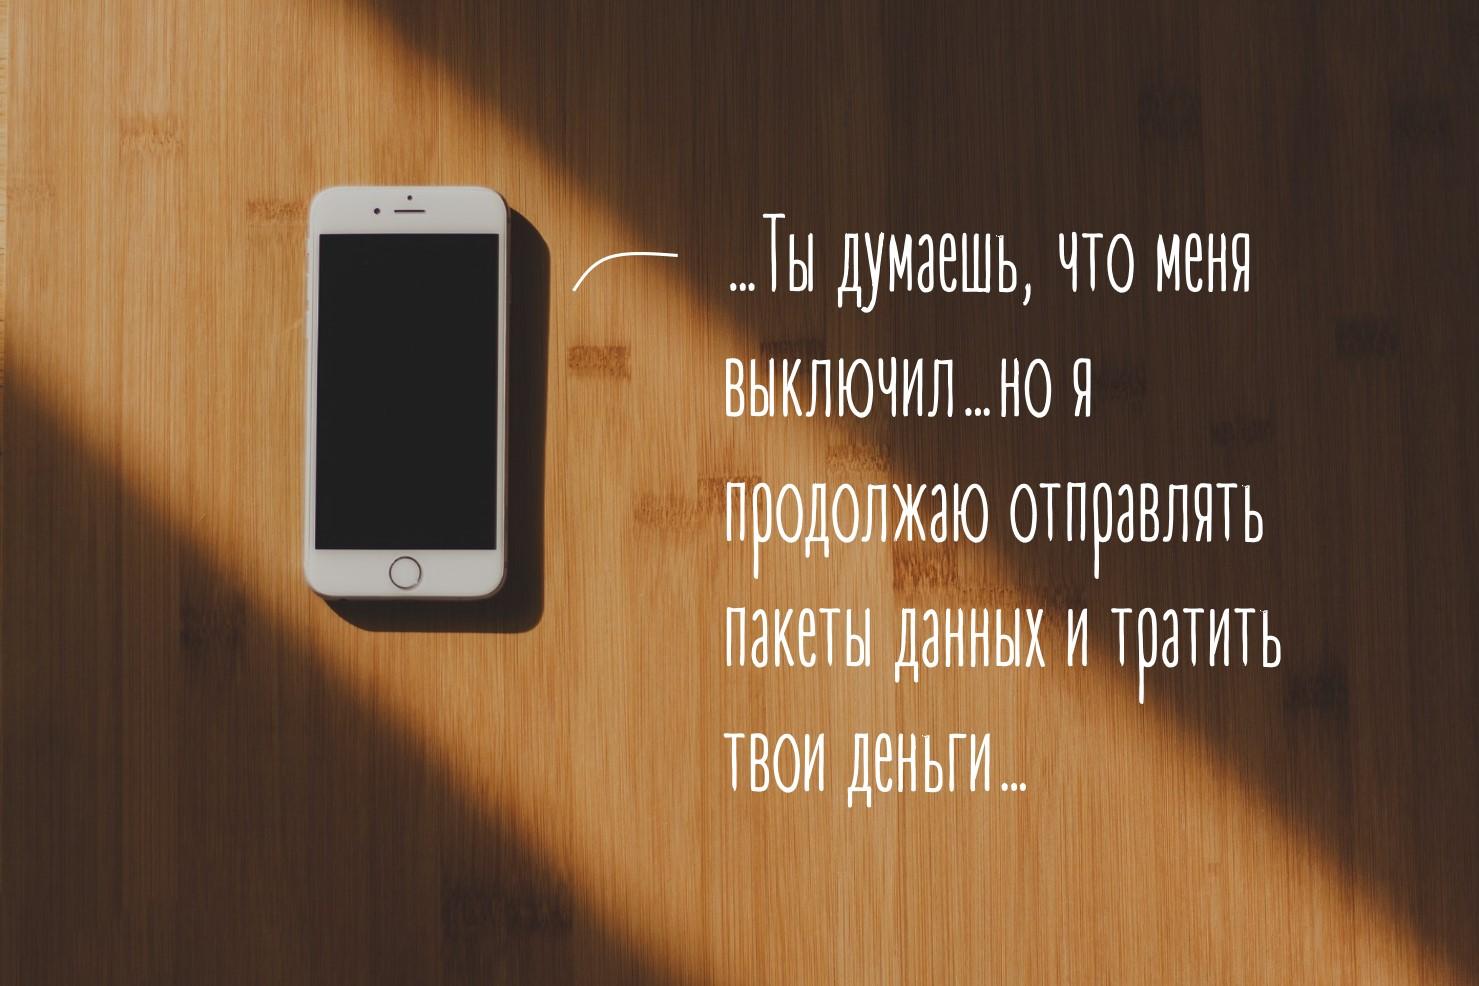 как вернуть деньги http://grosh-blog.ru